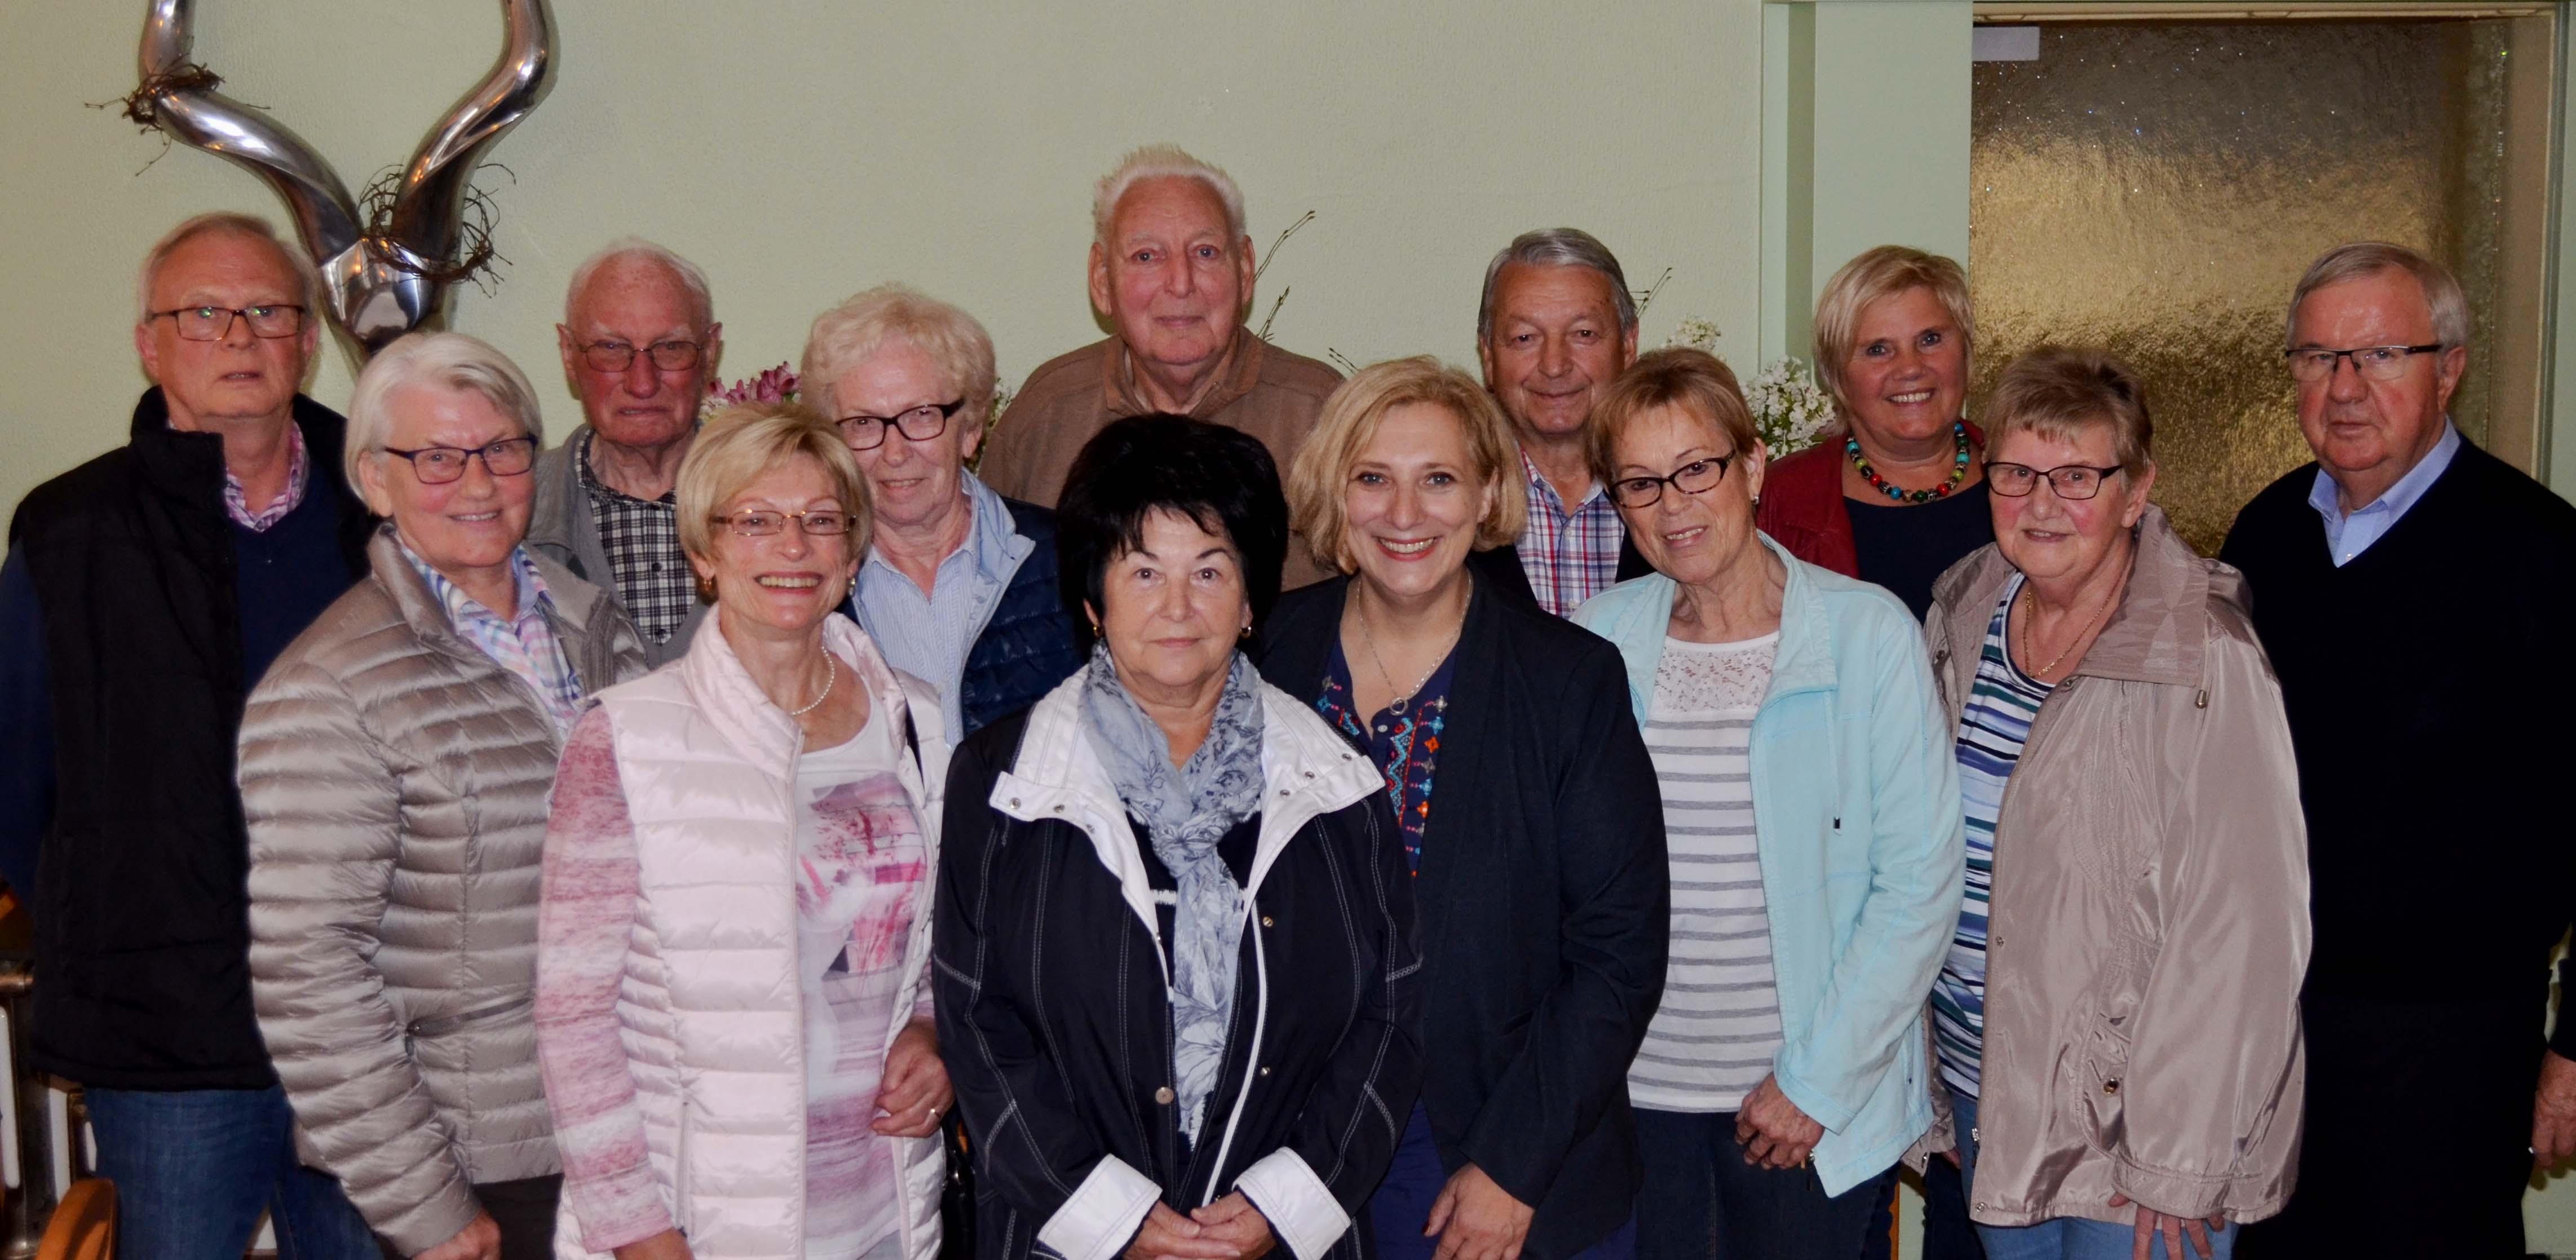 Dr. Daniela De Ridder bei der Seniorenvereinigung in Meppen